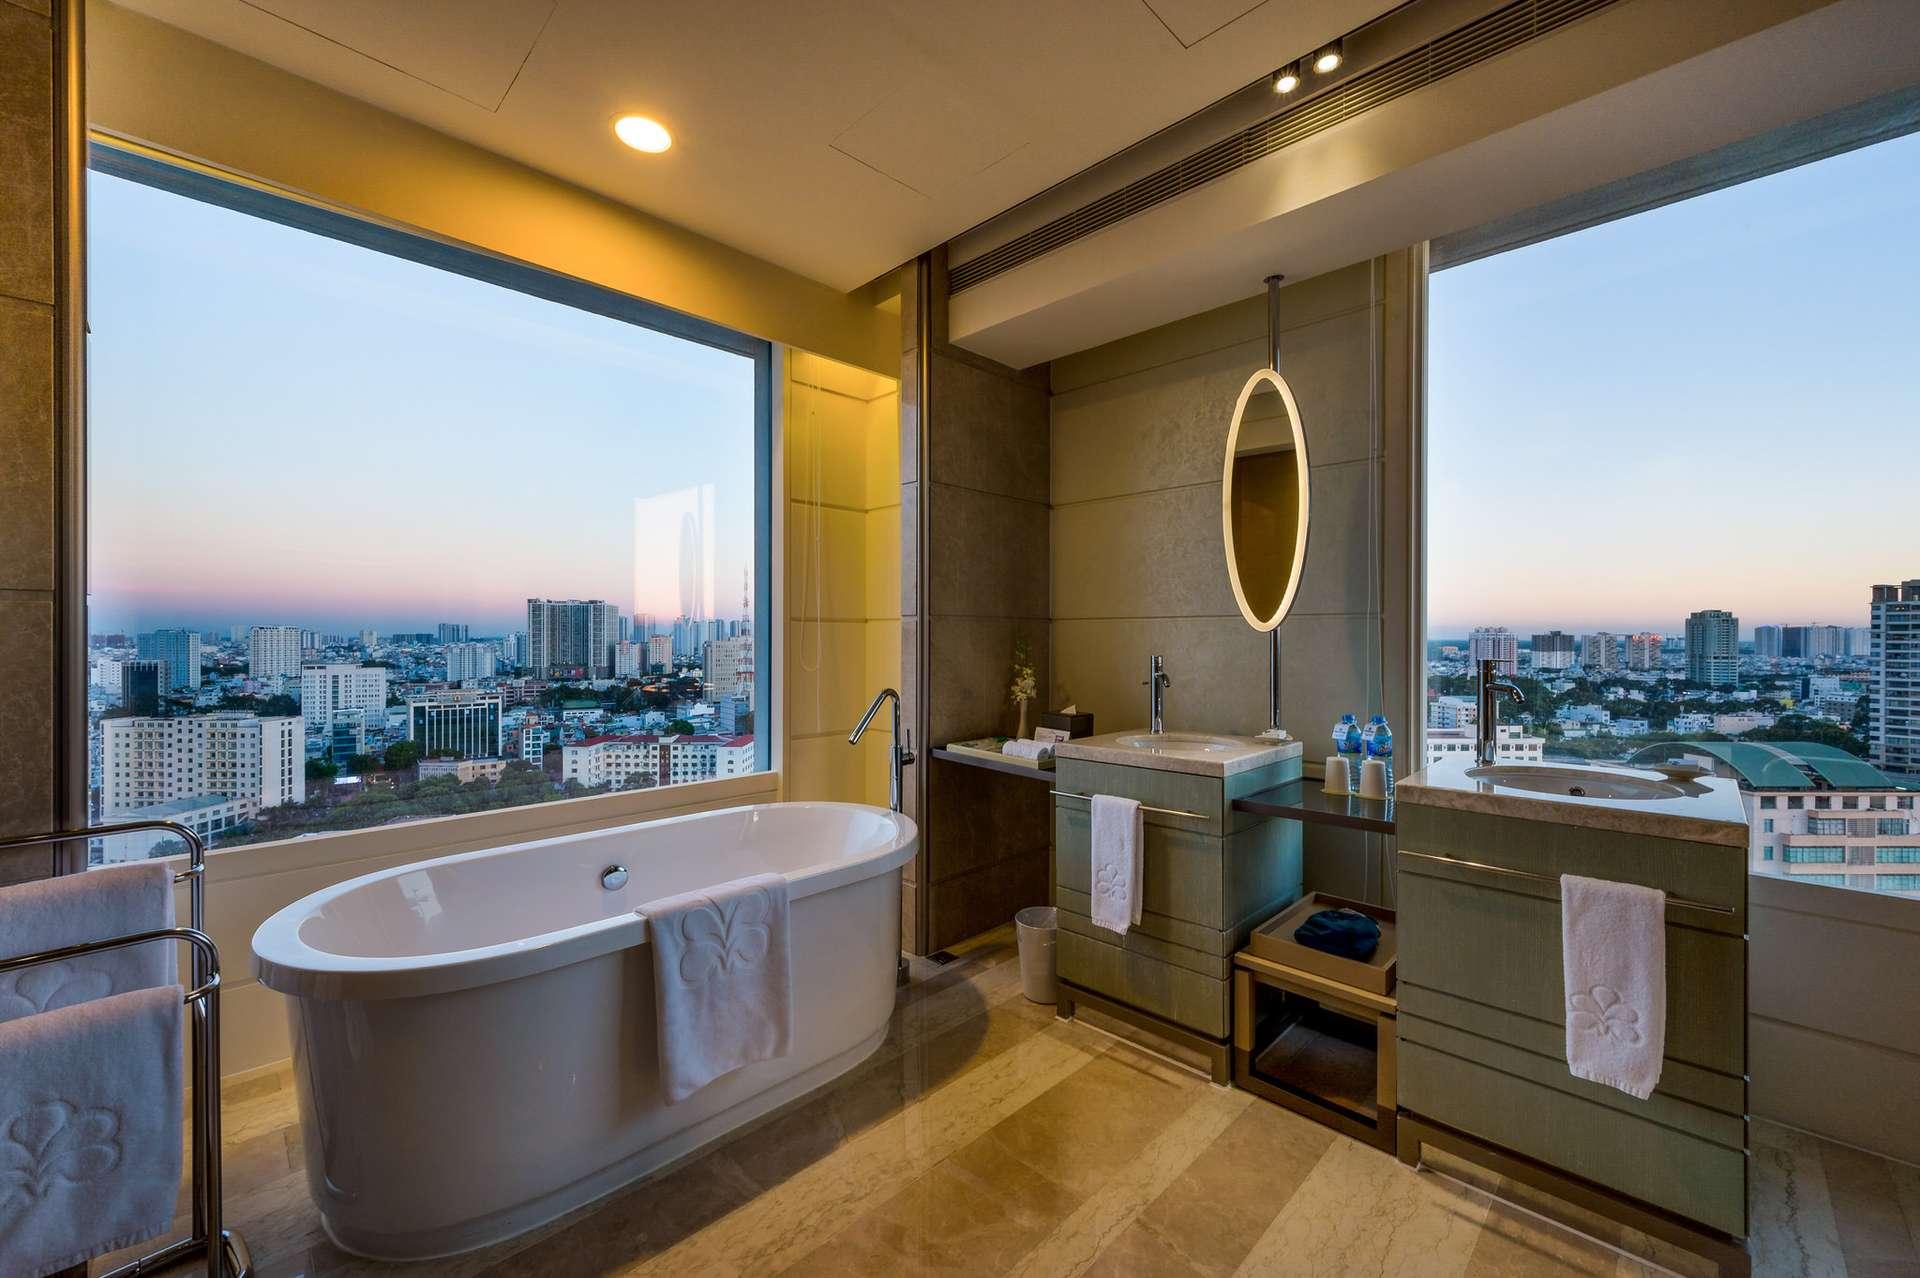 Khách sạn tại Sài Gòn sale rẻ phòng cuối (Tận hưởng trọn vẹn dịch vụ)